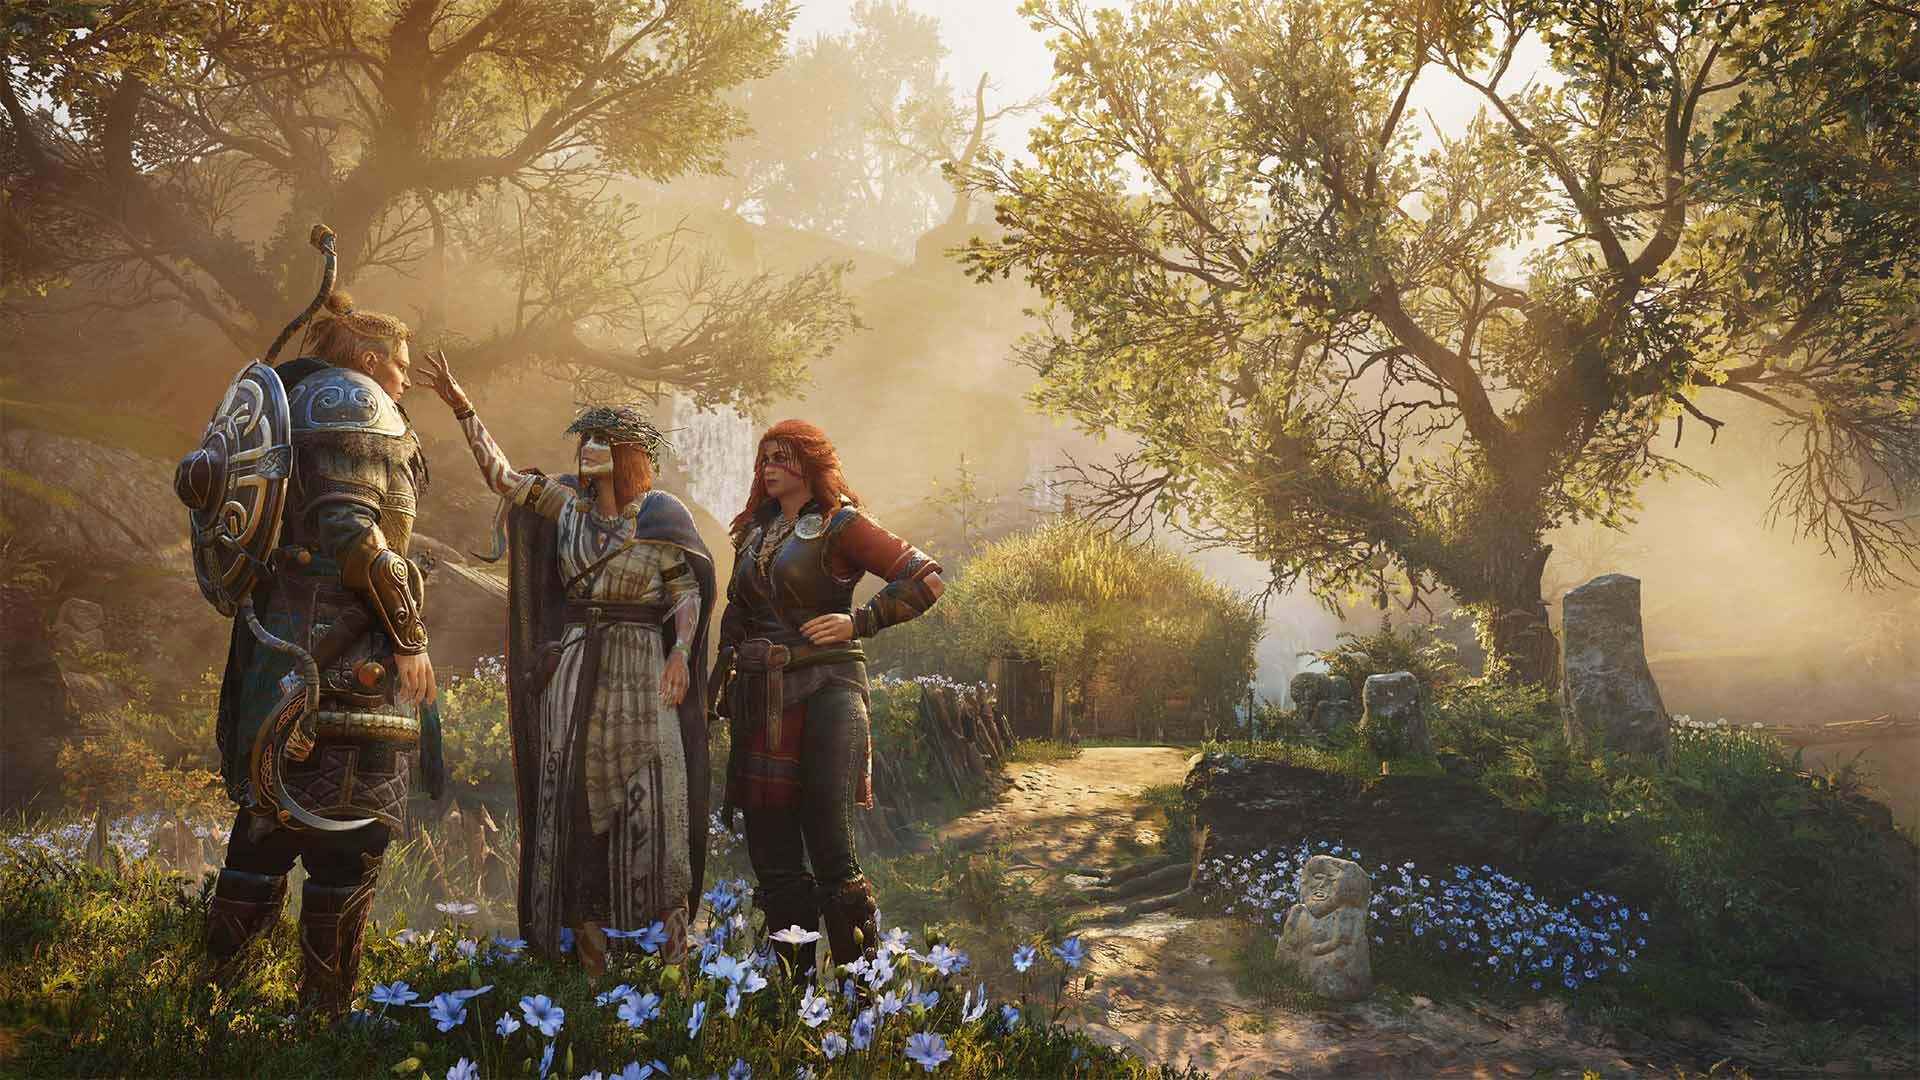 Los hombres lobo llegarán a Assassin's Creed Valhalla en la expansión Wrath of the Druids 2